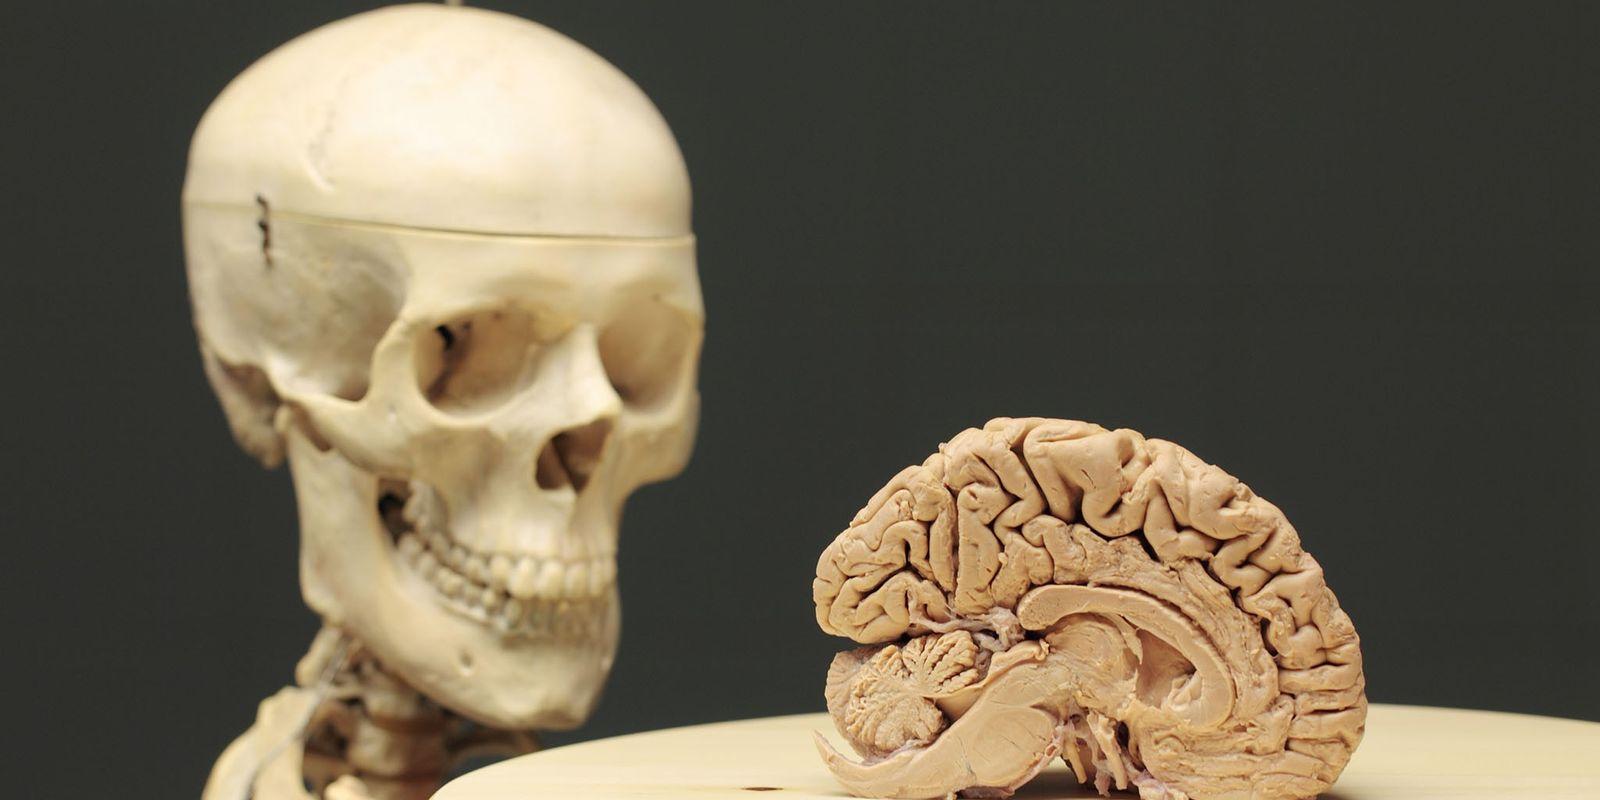 La connexion corps cerveau est plus importante qu'on ne le croyait